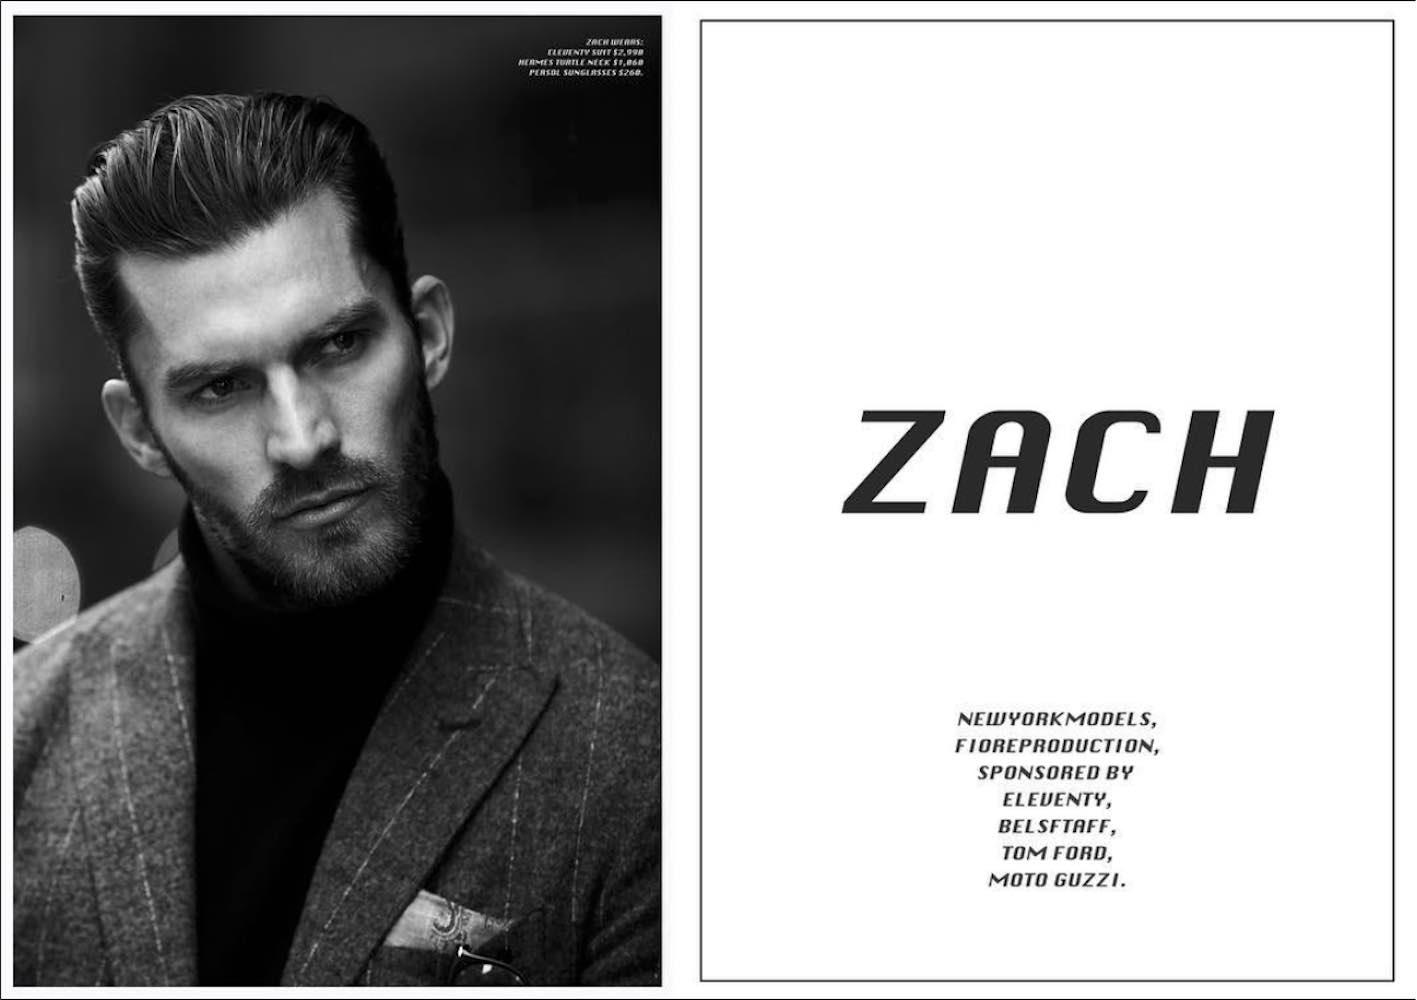 Zach2_Emanuelefiore